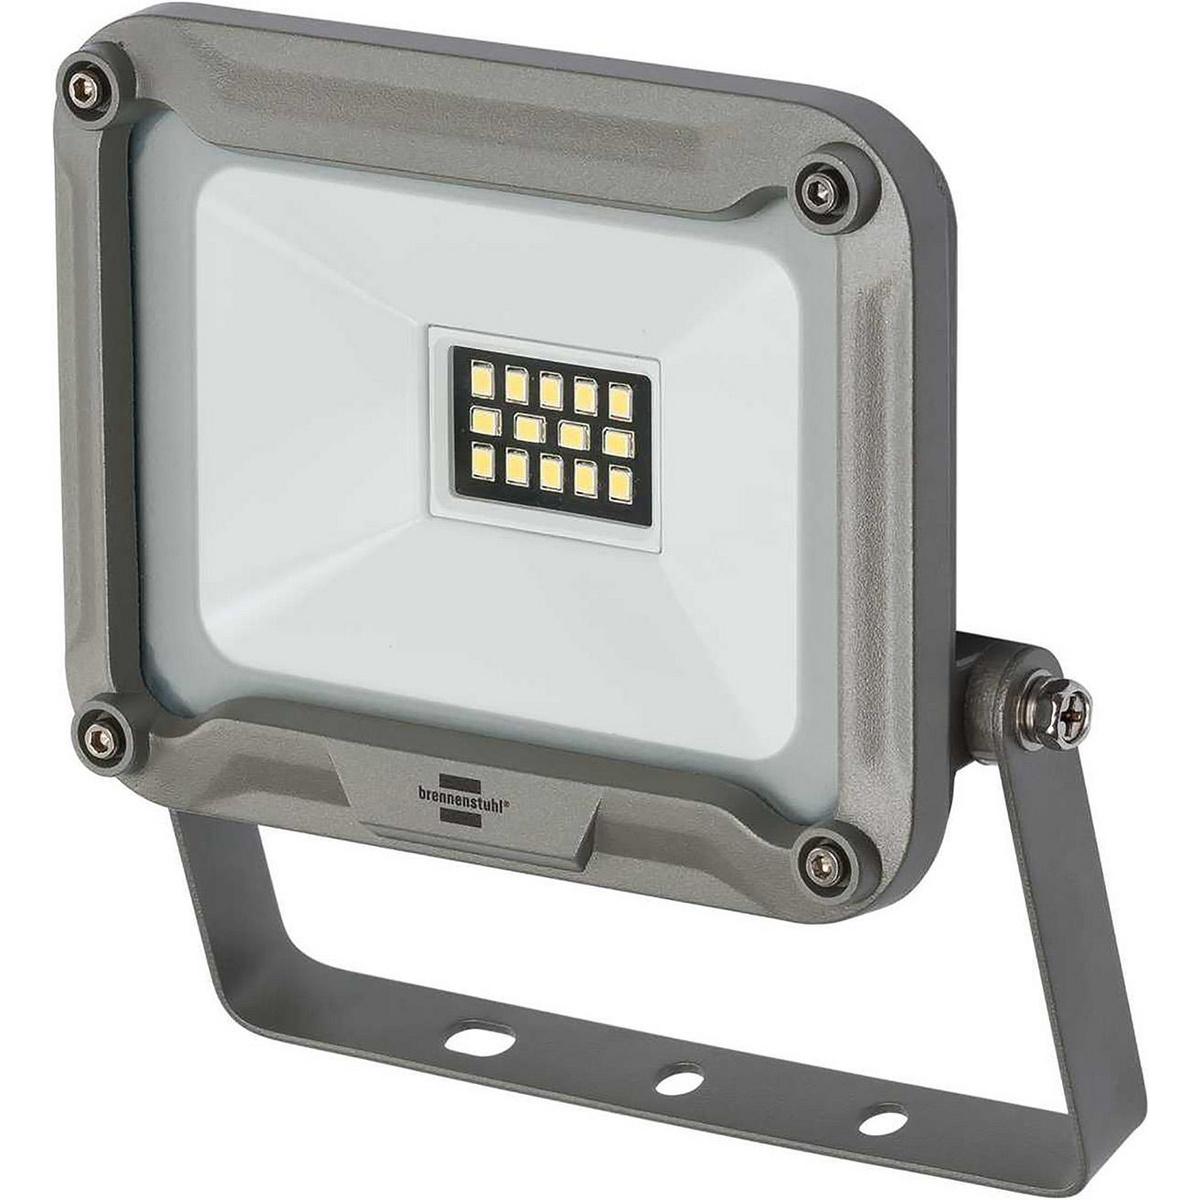 Luz LED con LED Everlight SMD extra brillante. Montaje fácil de usar gracias a un terminal de conexión externo y hermético. Con cristal de seguridad. Carcasa de aluminio sólida y moderna. Soporte de montaje ajustable para montaje. En paquete de exhibición